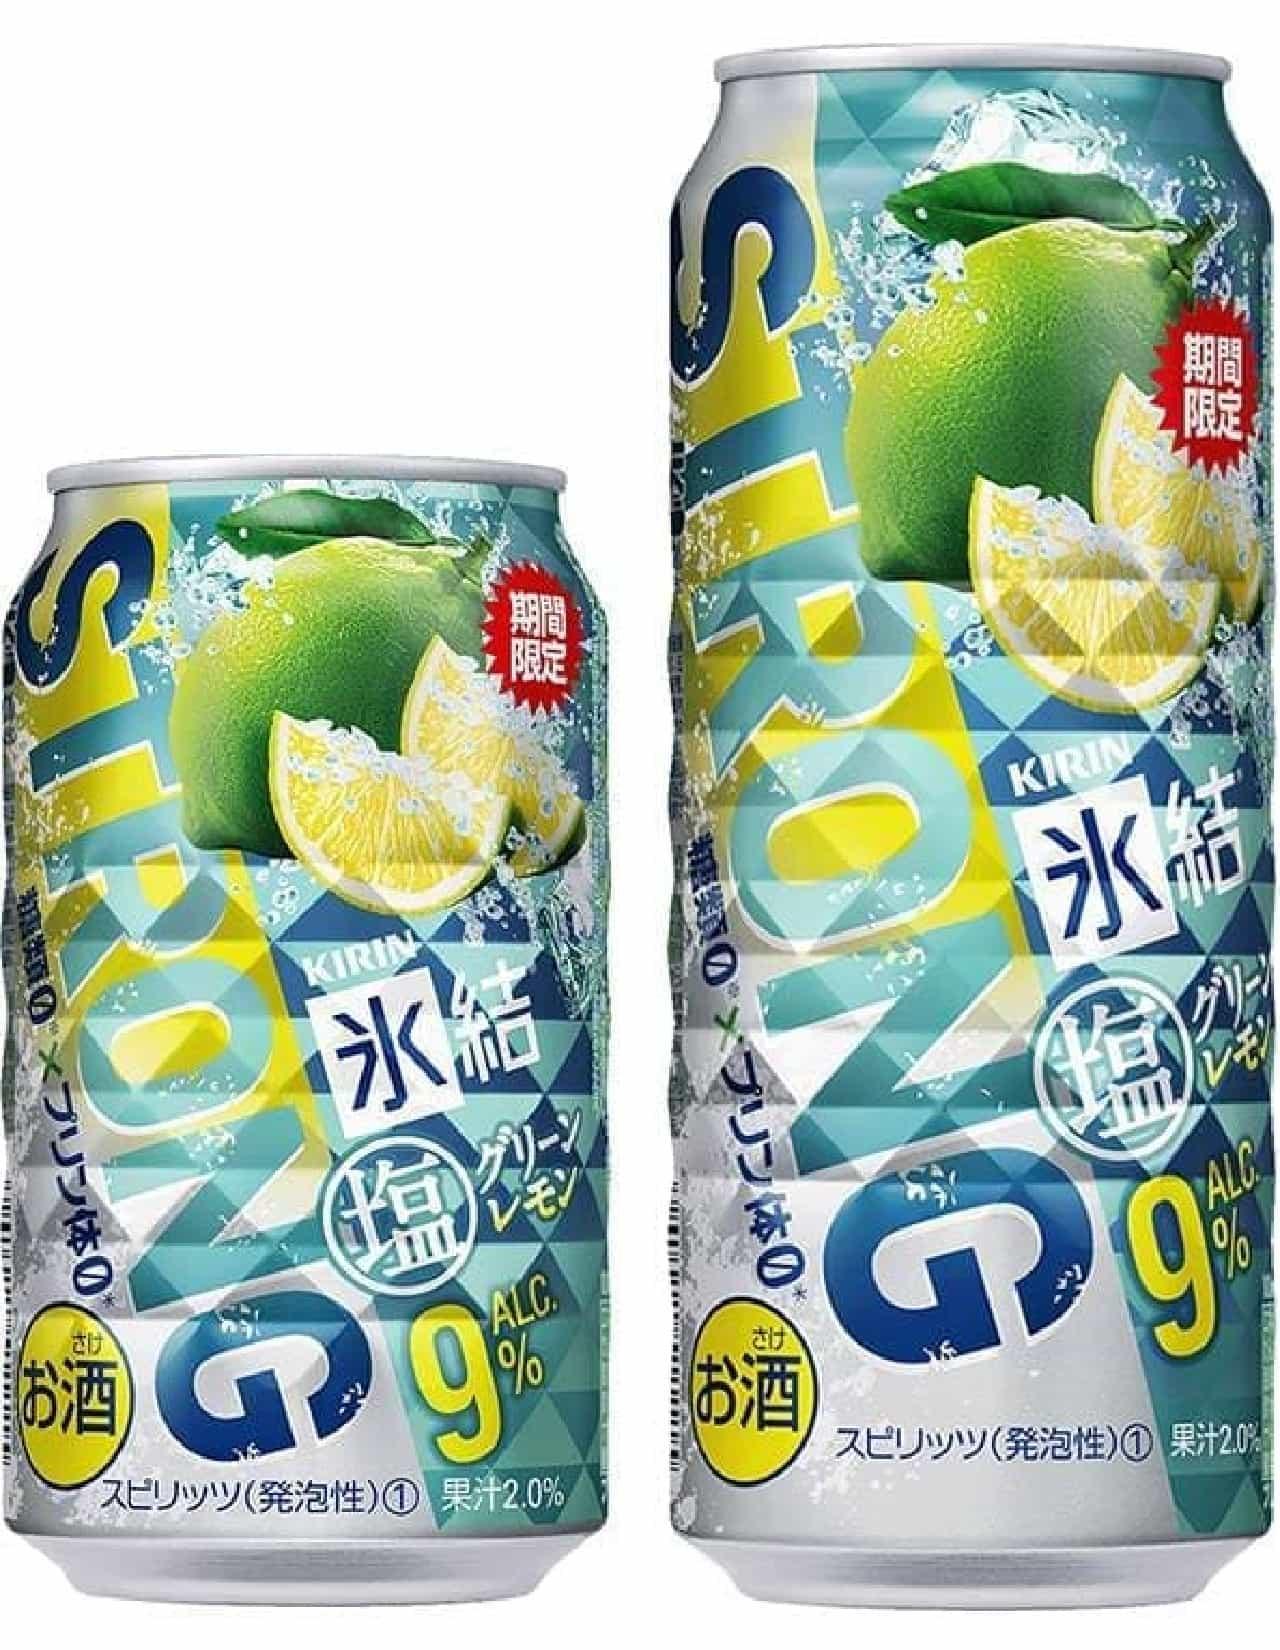 キリン 氷結ストロング 塩グリーンレモン<期間限定>